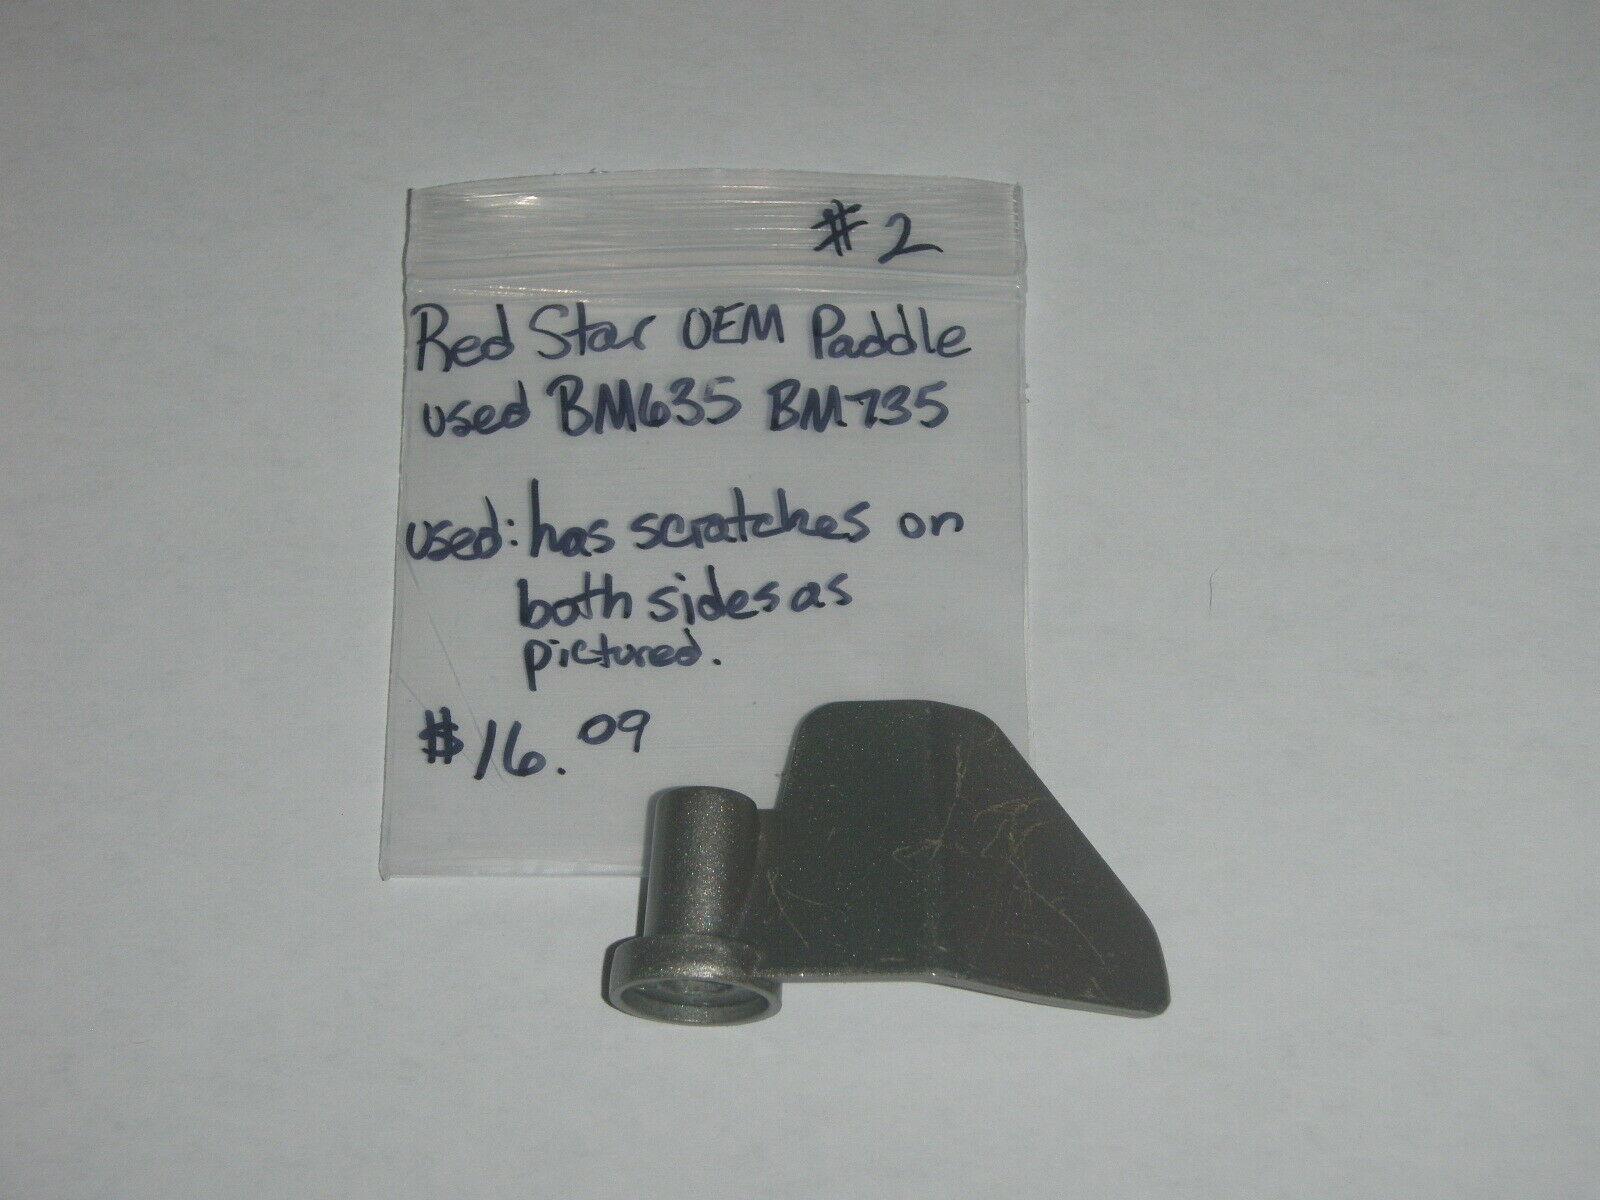 Red Star Bread Maker Machine Paddle for Models BM635 BM712A BM735 (2)